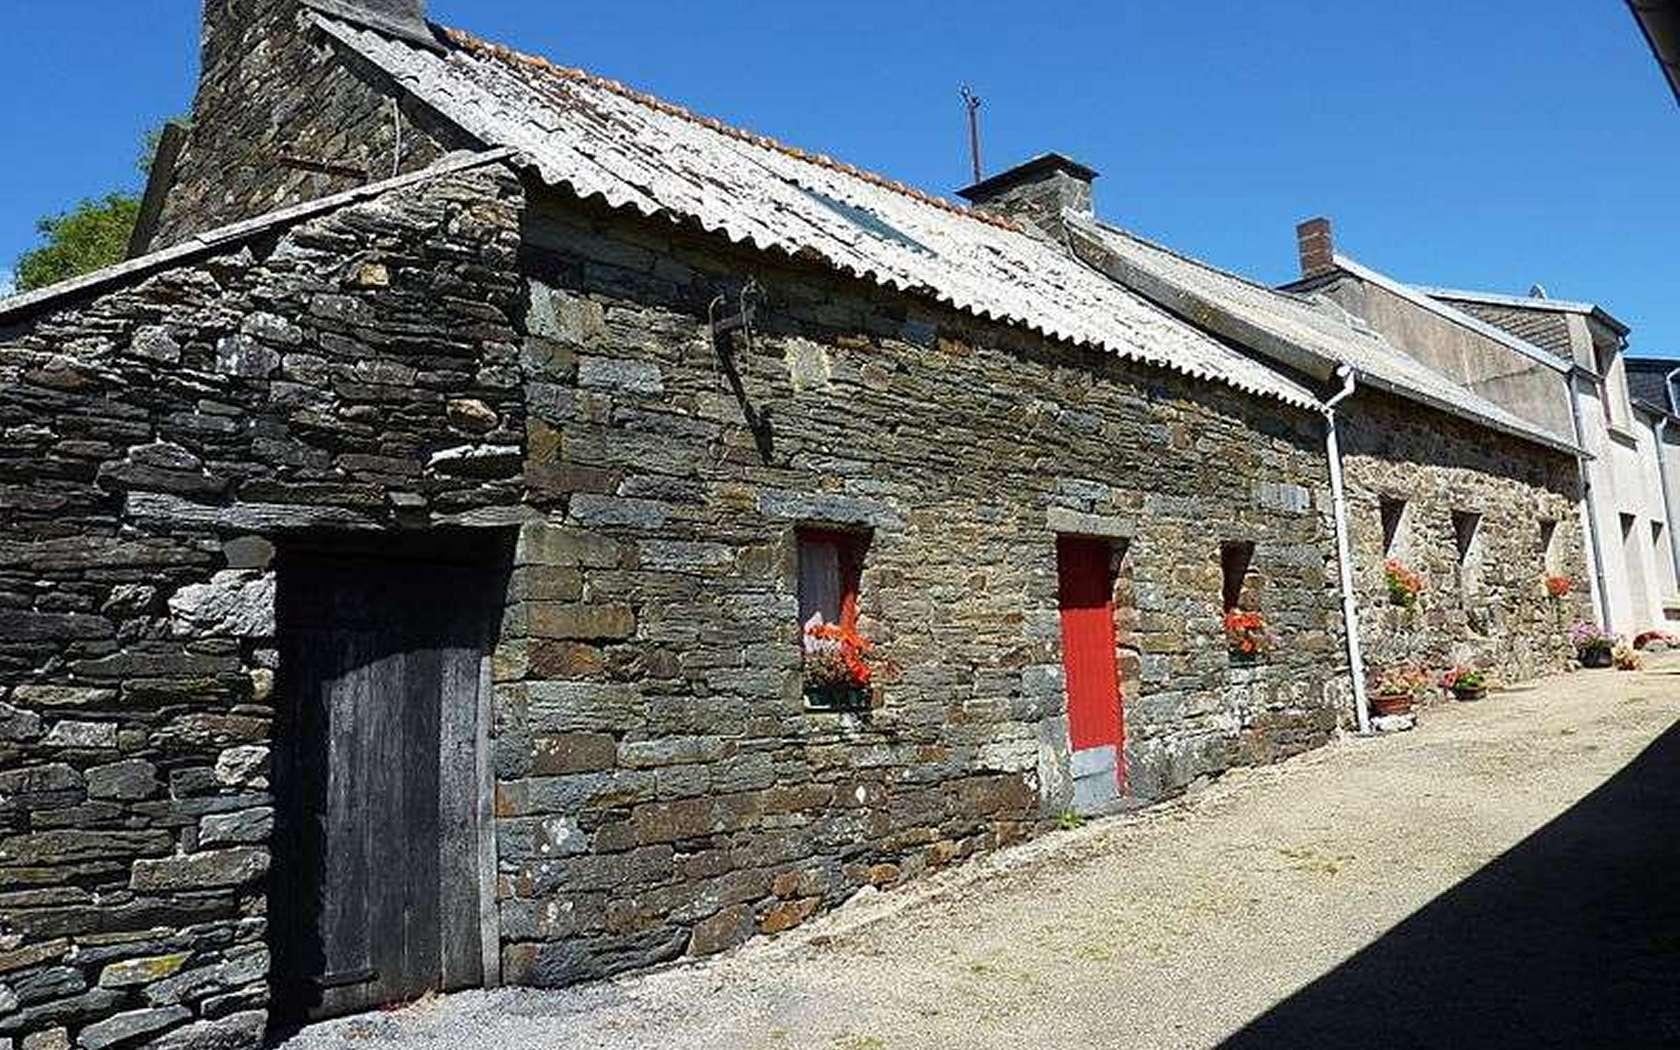 Le fibrociment est souvent utilisé comme matériau de toiture. Ici, des maisons aux toits en fibrociment. © Henri MOREAU, CC BY-SA 3.0, Wikimedia Commons